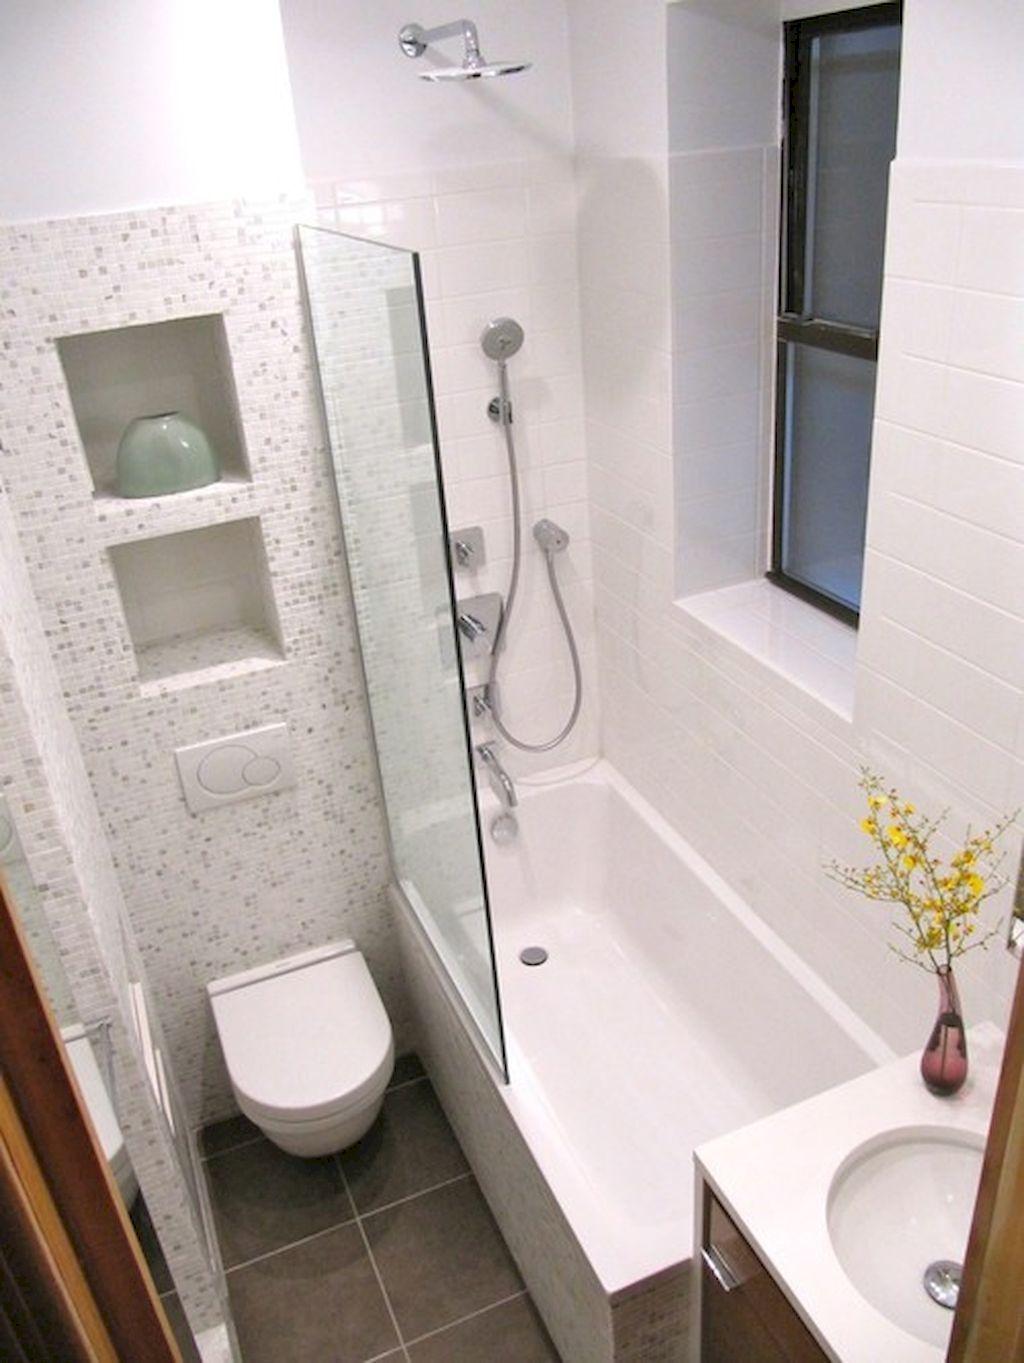 Awesome 35 Inspiring Apartment Tiny Bathroom Ideas Https Livinking Com 2017 06 11 35 Inspiring Small Master Bathroom Bathroom Layout Bathroom Remodel Master